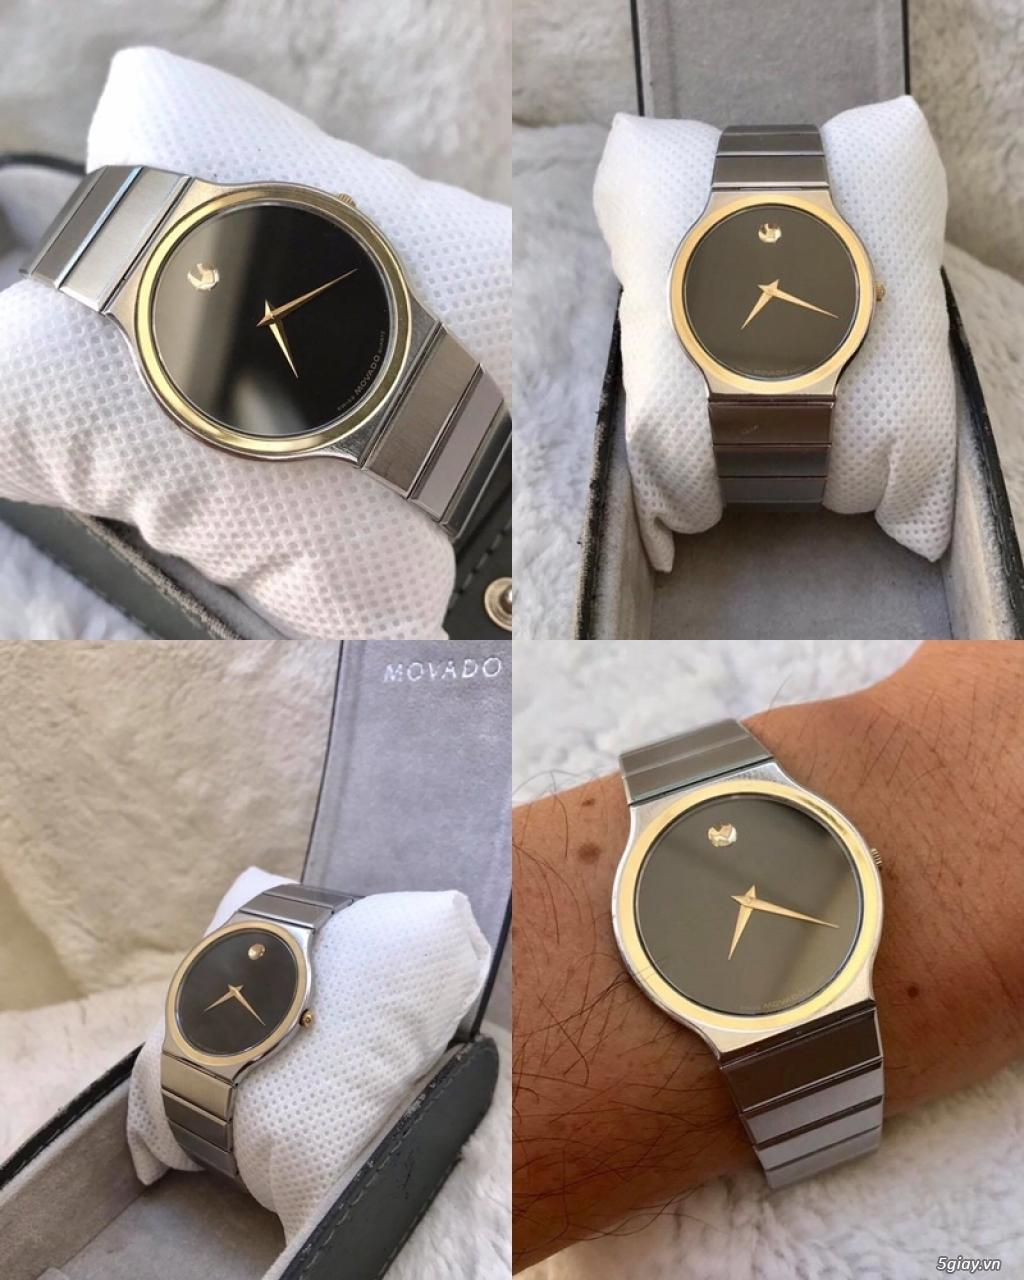 Kho đồng hồ xách tay chính hãng secondhand update liên tục - 13